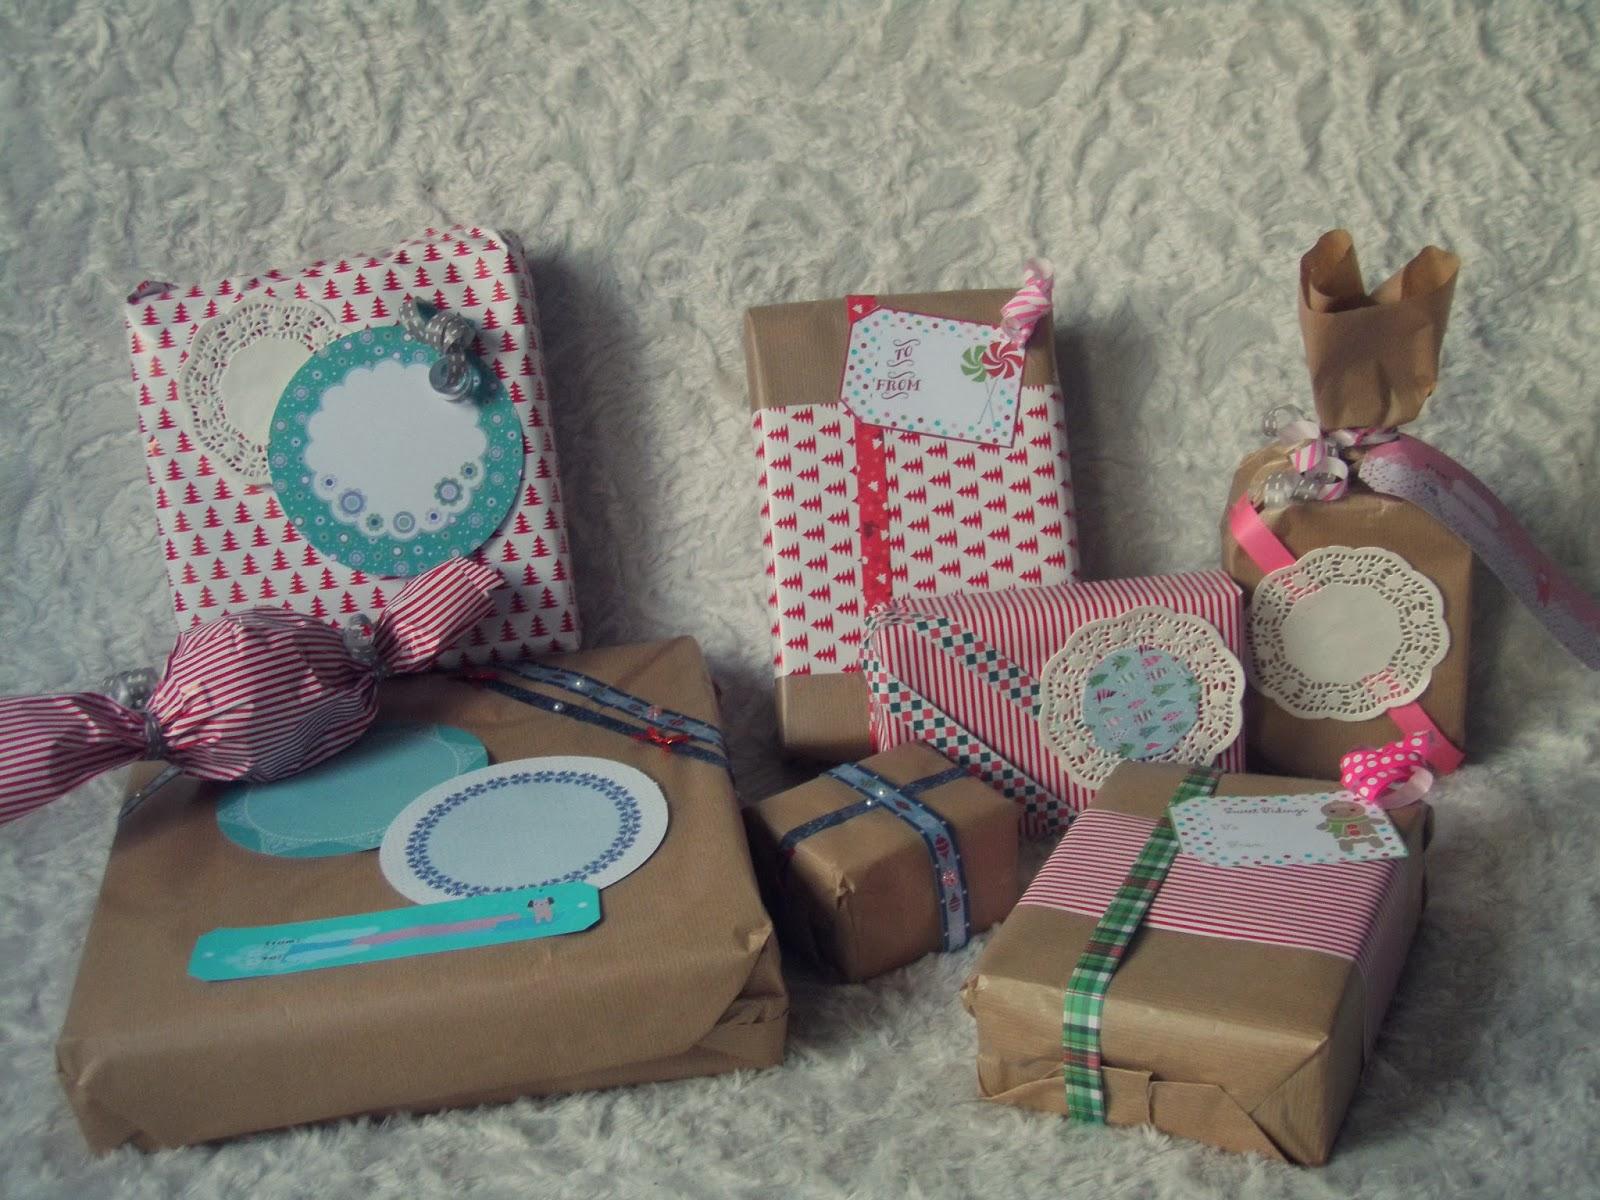 jolis emballages cadeaux